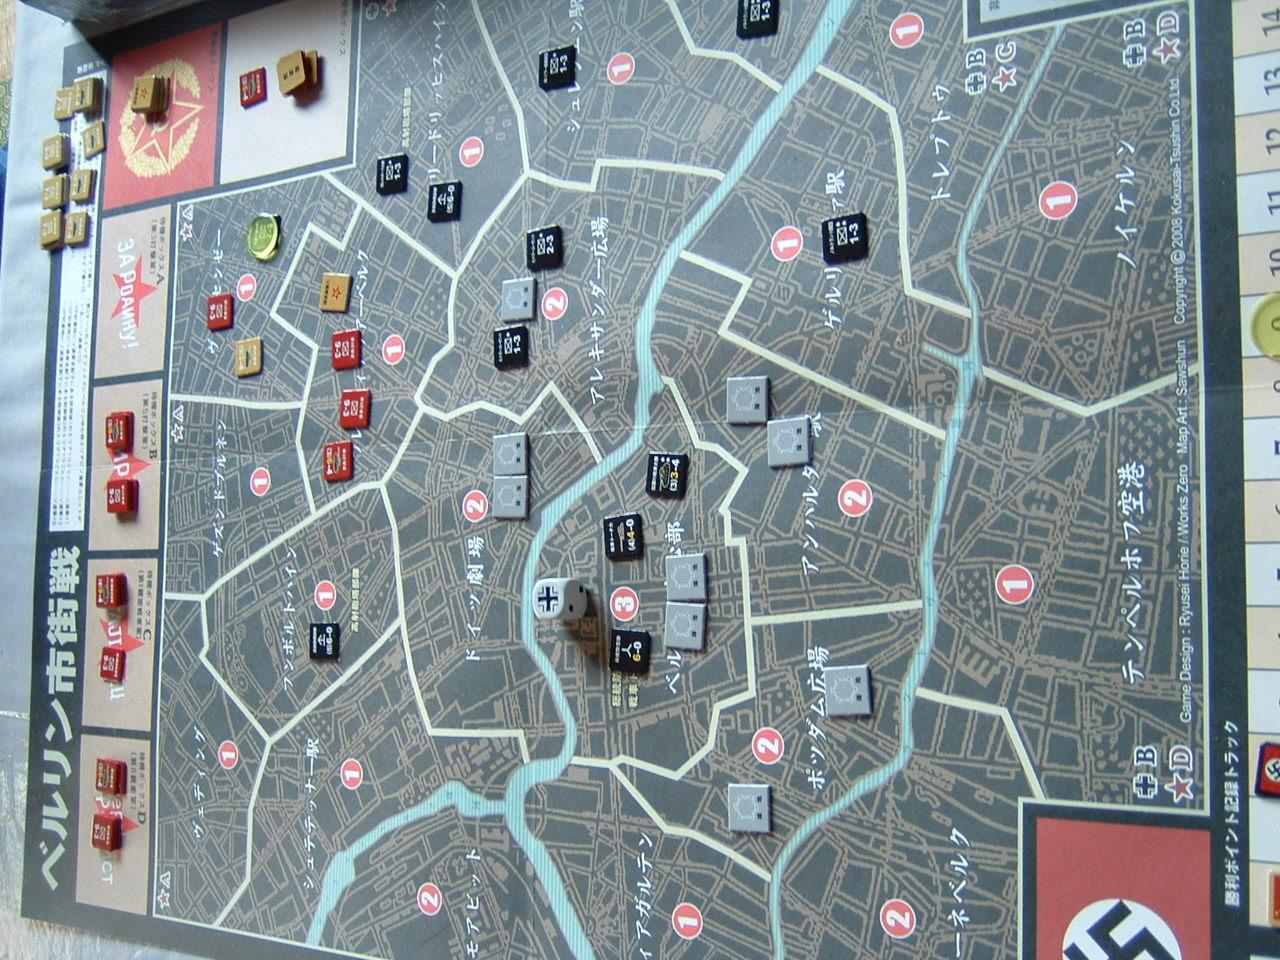 発掘2008.2.29対戦写真(CMJ誌79付録)ベルリン市街戦 その2_b0173672_12282831.jpg